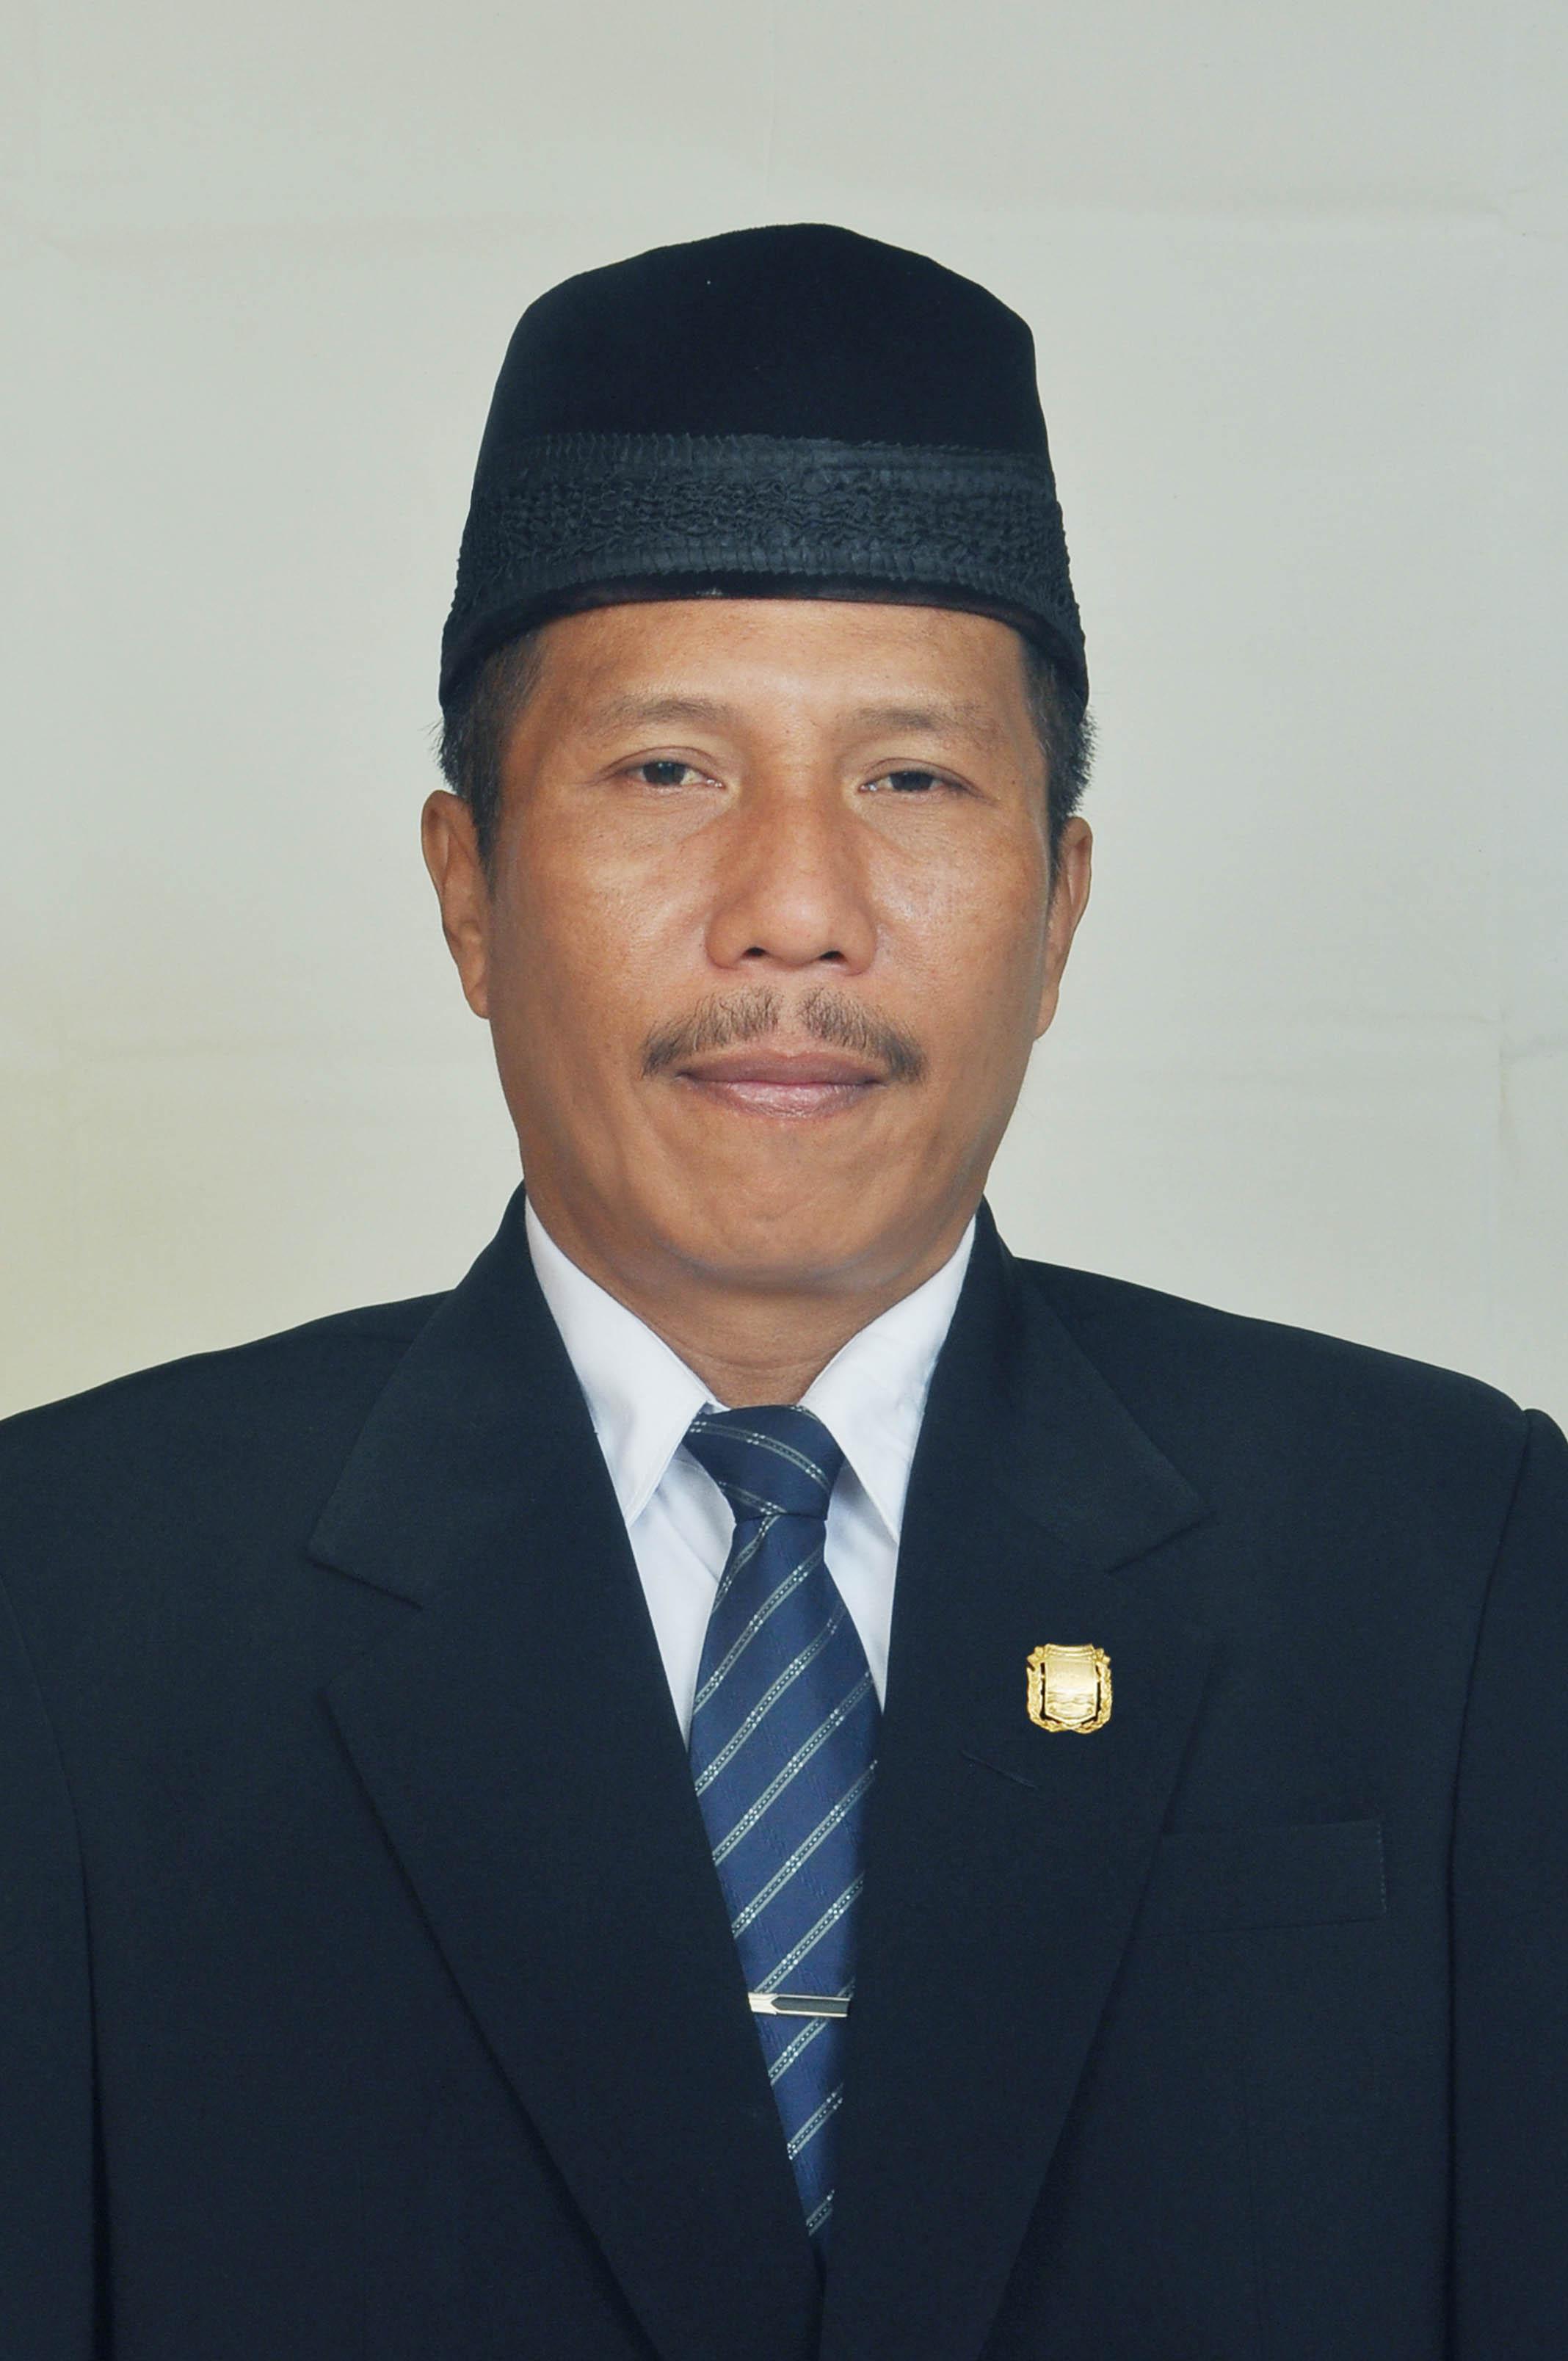 Profil Anggota Dprd Kabupaten Wonosobo 2014 2019 Pasar Kertek Kab